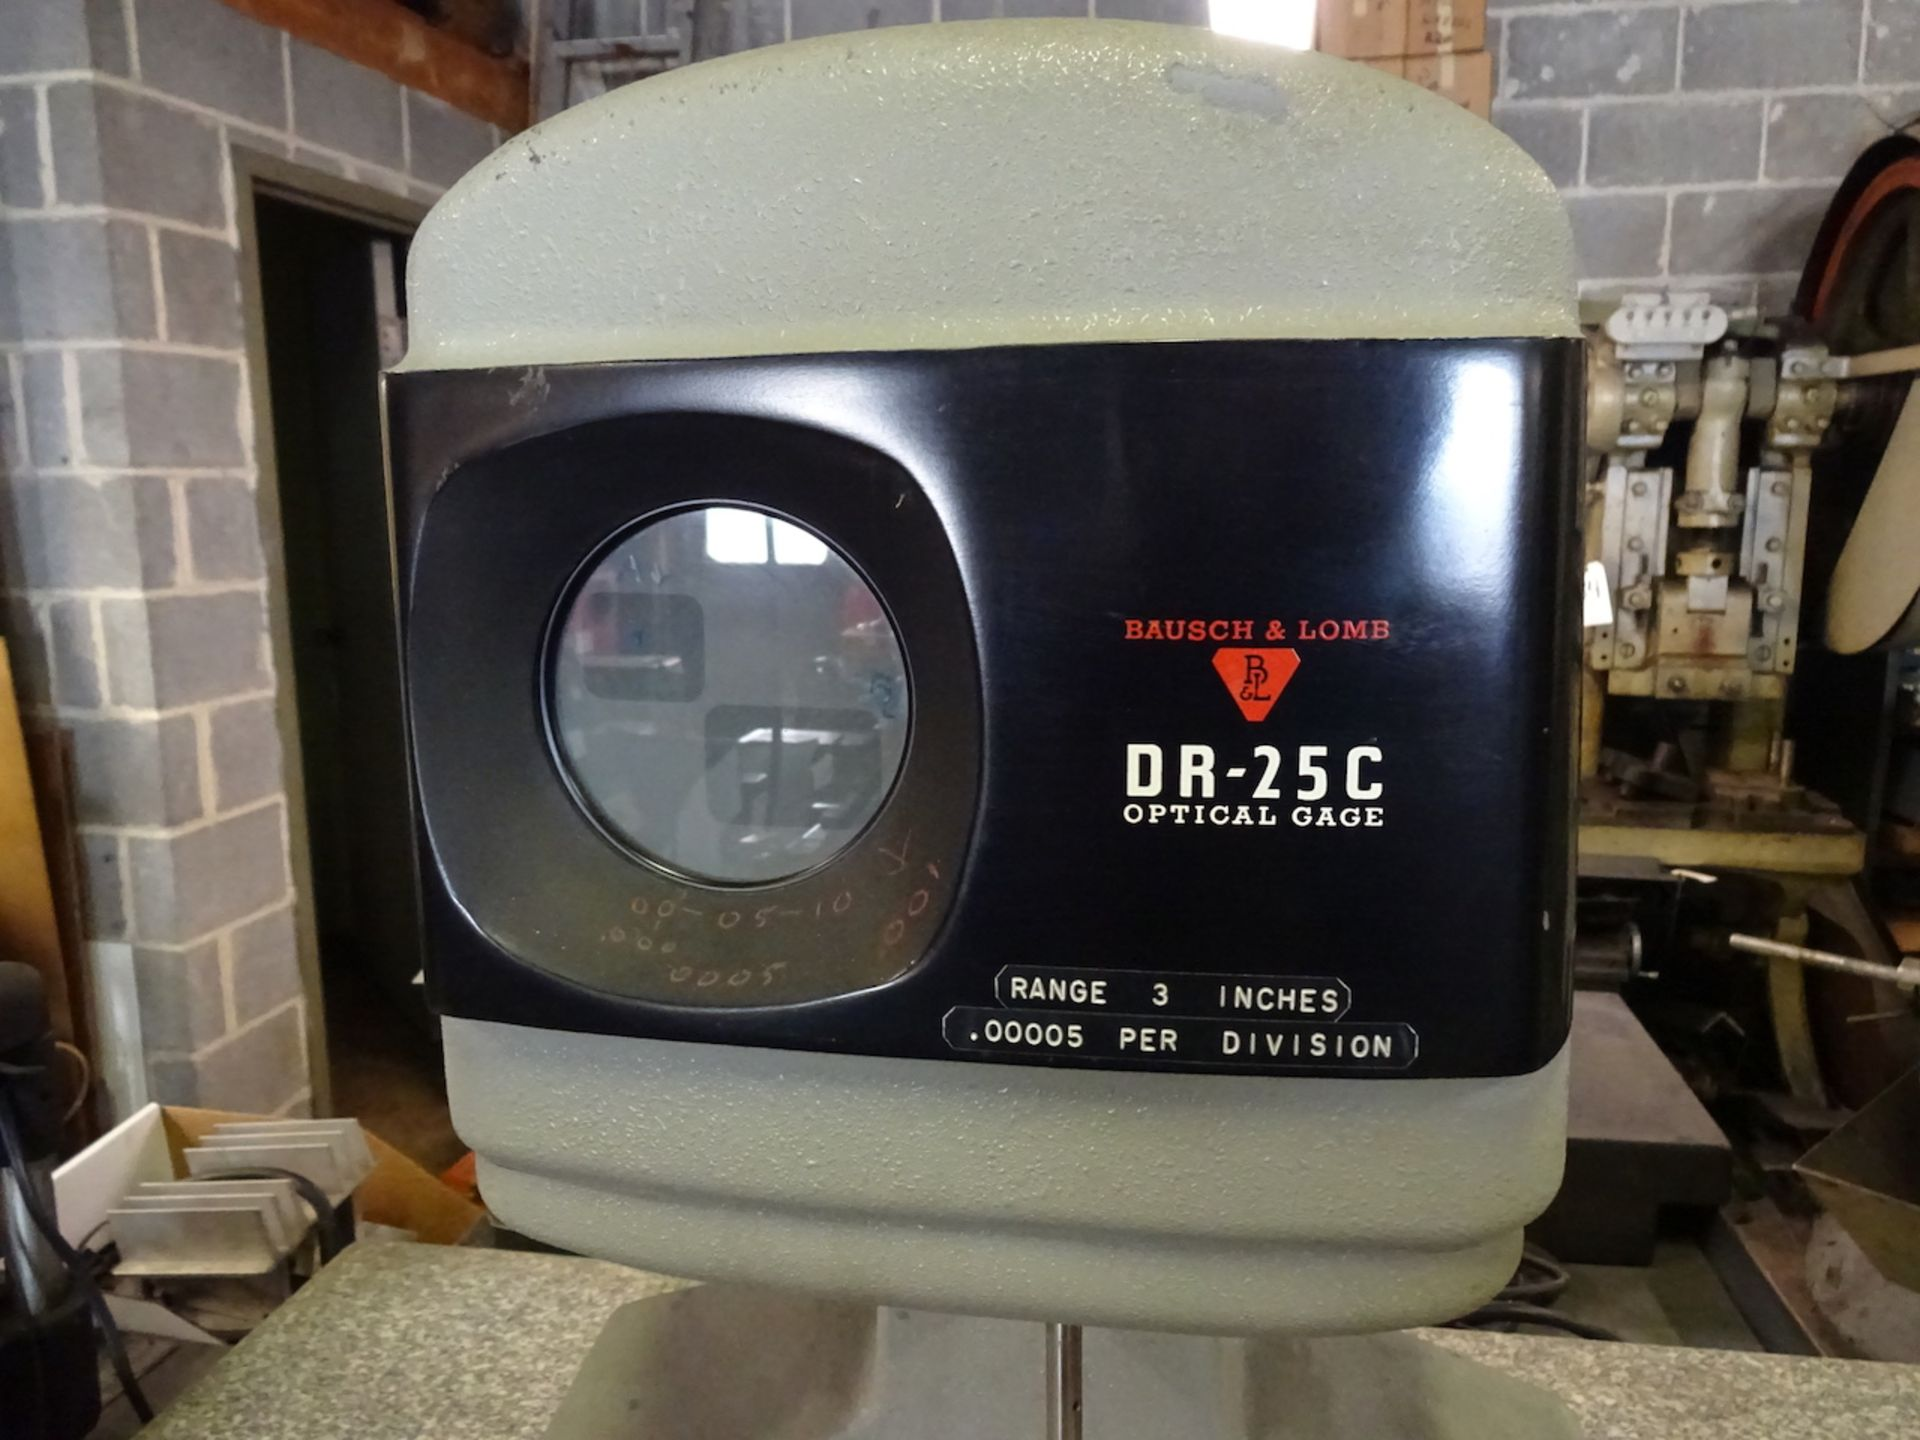 Lot 54 - BAUSCH & LOMB MODEL DR-25C OPTICAL GAUGE: 3 IN RANGE, .00005 PER DIVISION